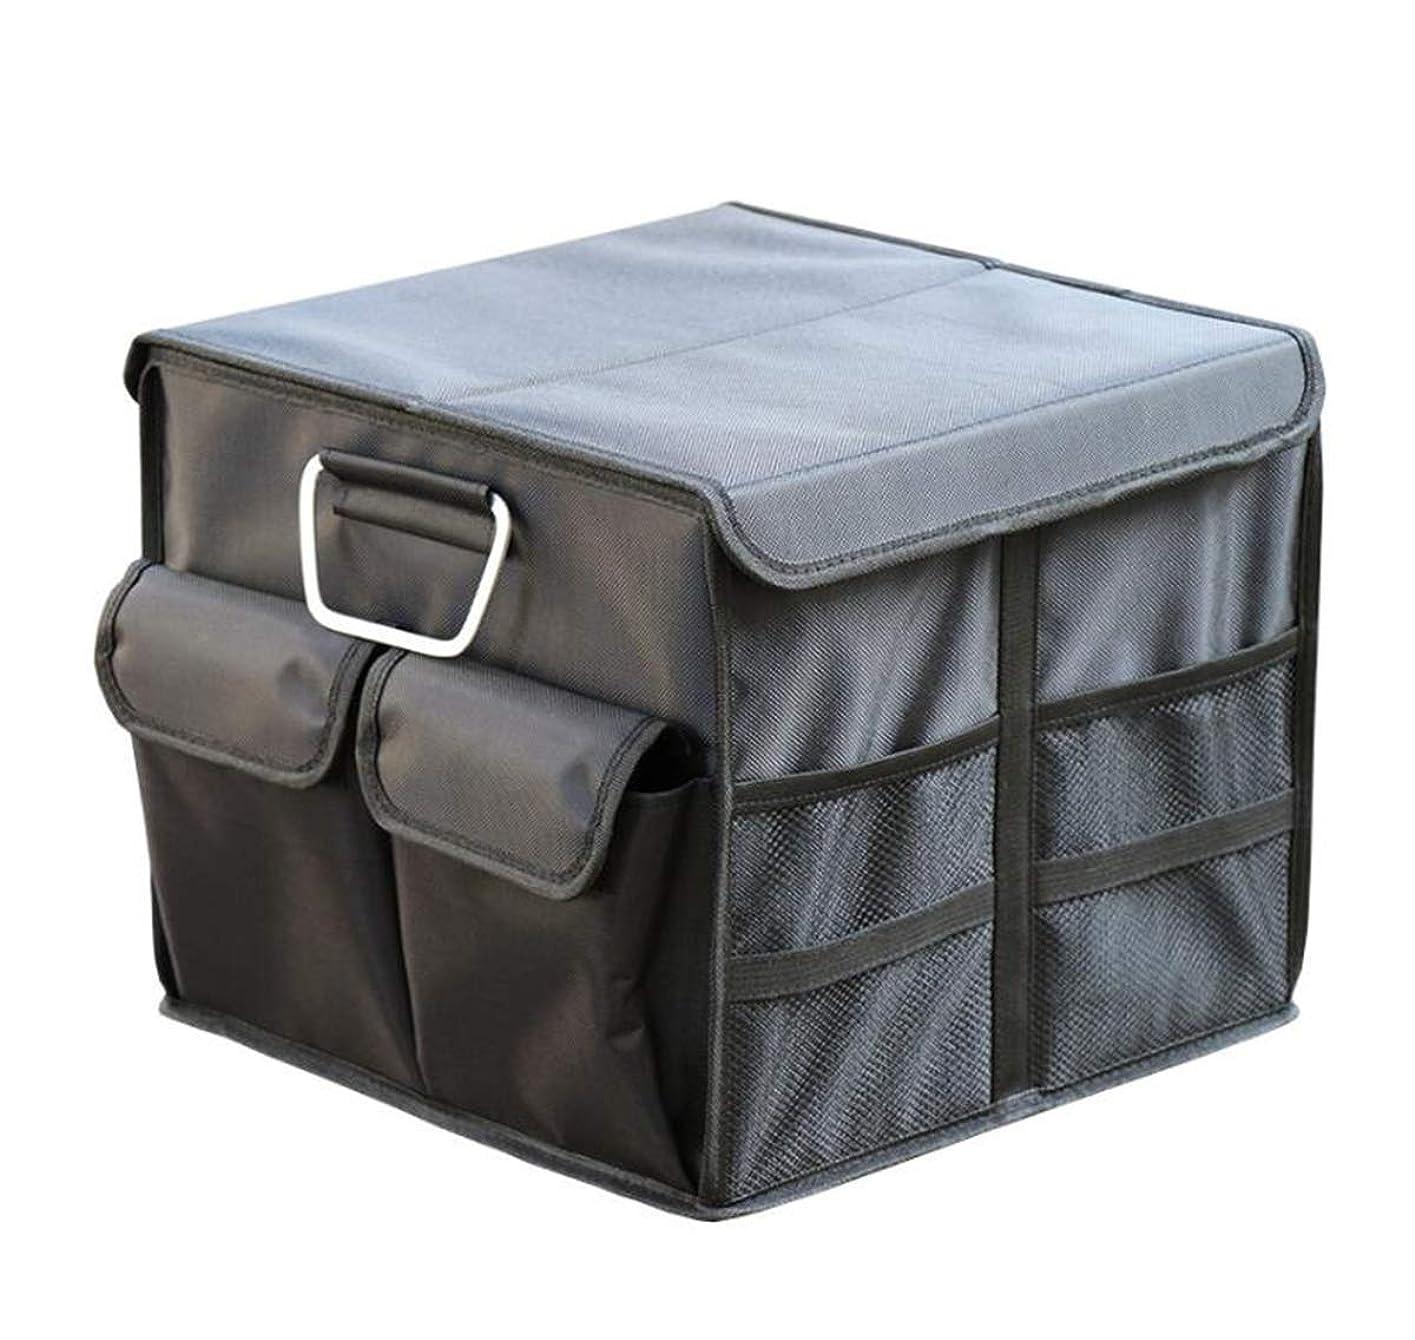 渦楽な成熟したHSBAIS 貨物保管ふた付きの車用ポケット?ケース?カバー、折りたたみ式 ポータブル トランク収納ボックスは金属製のハンドル付き車の収納ボックスと容量36L,Black_35x35x30CM